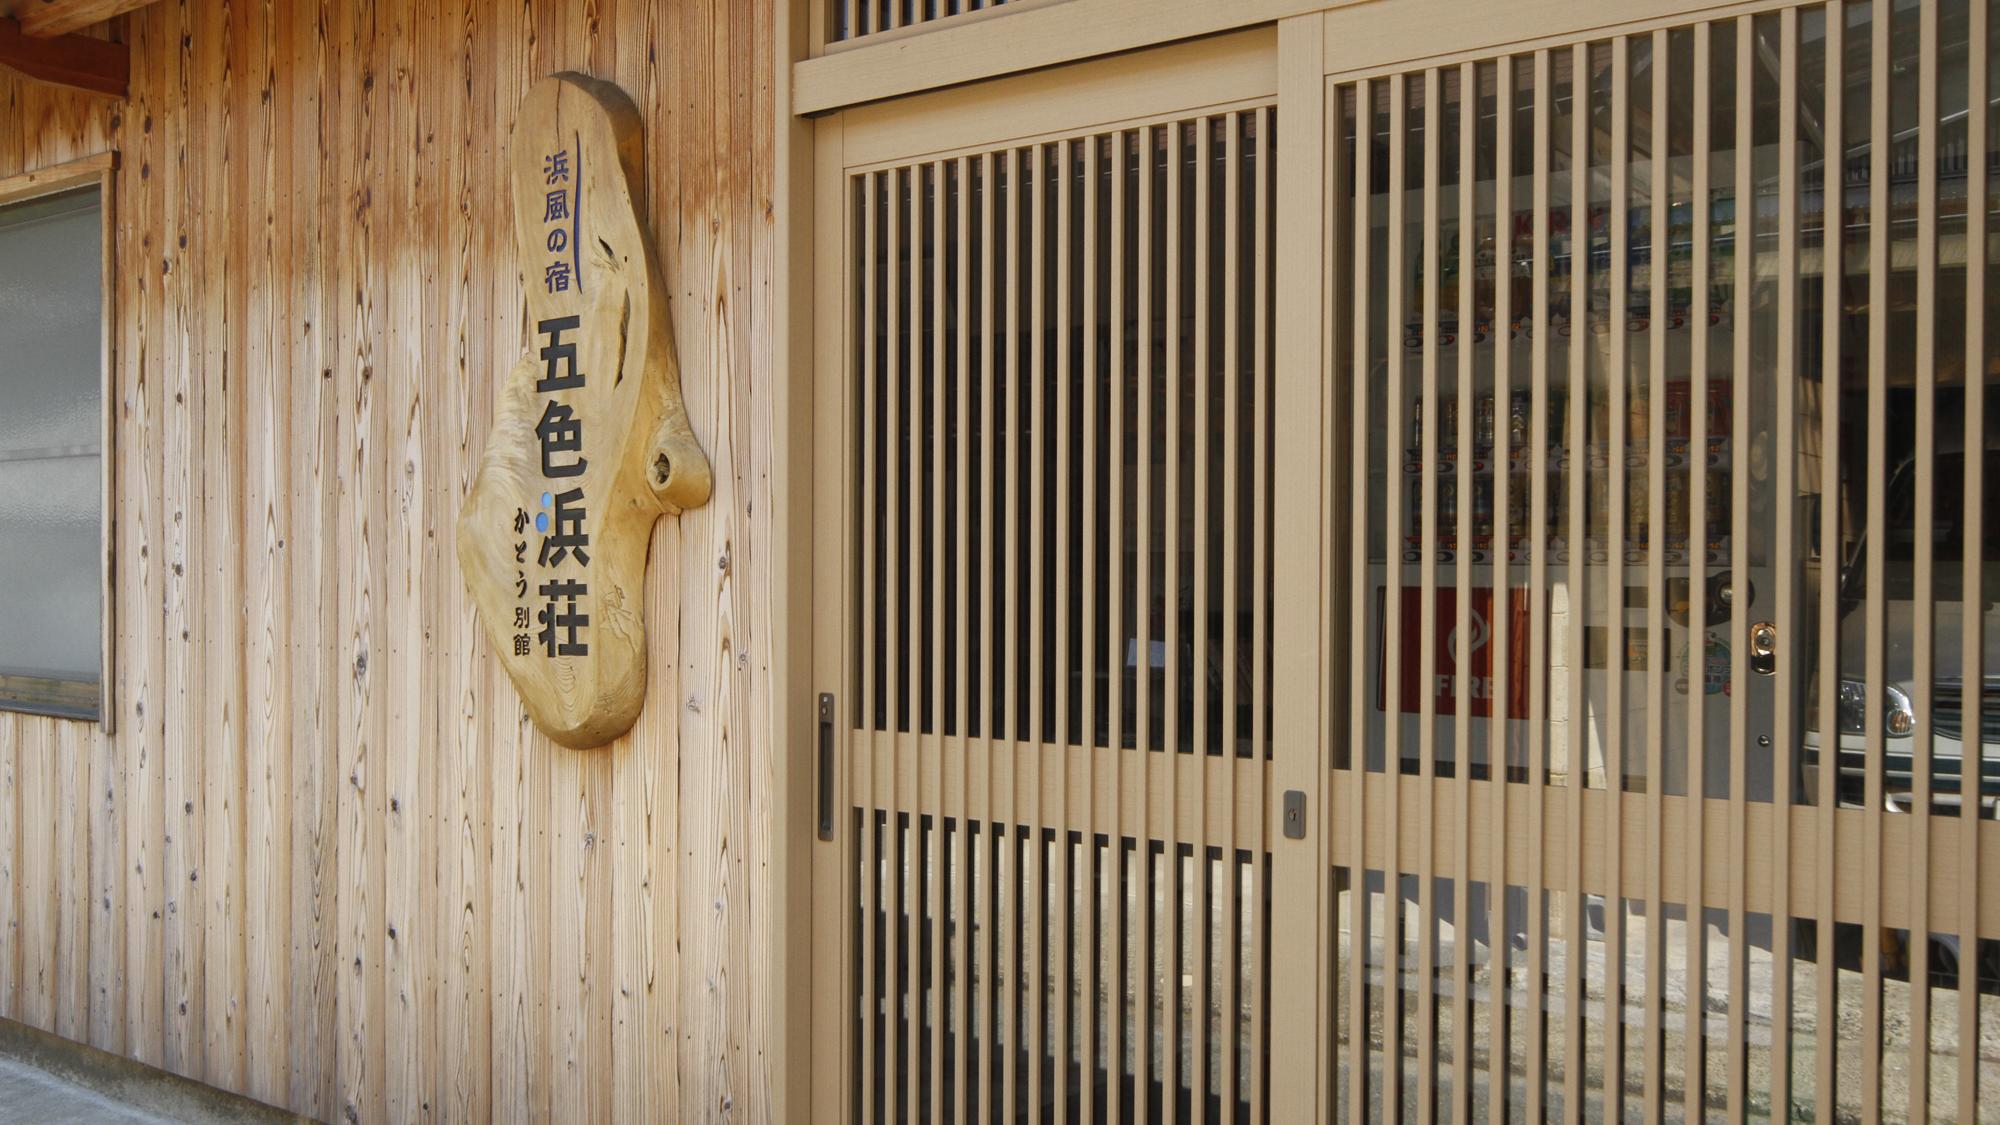 夕日ヶ浦温泉 浜風の宿 五色浜荘 かとう...